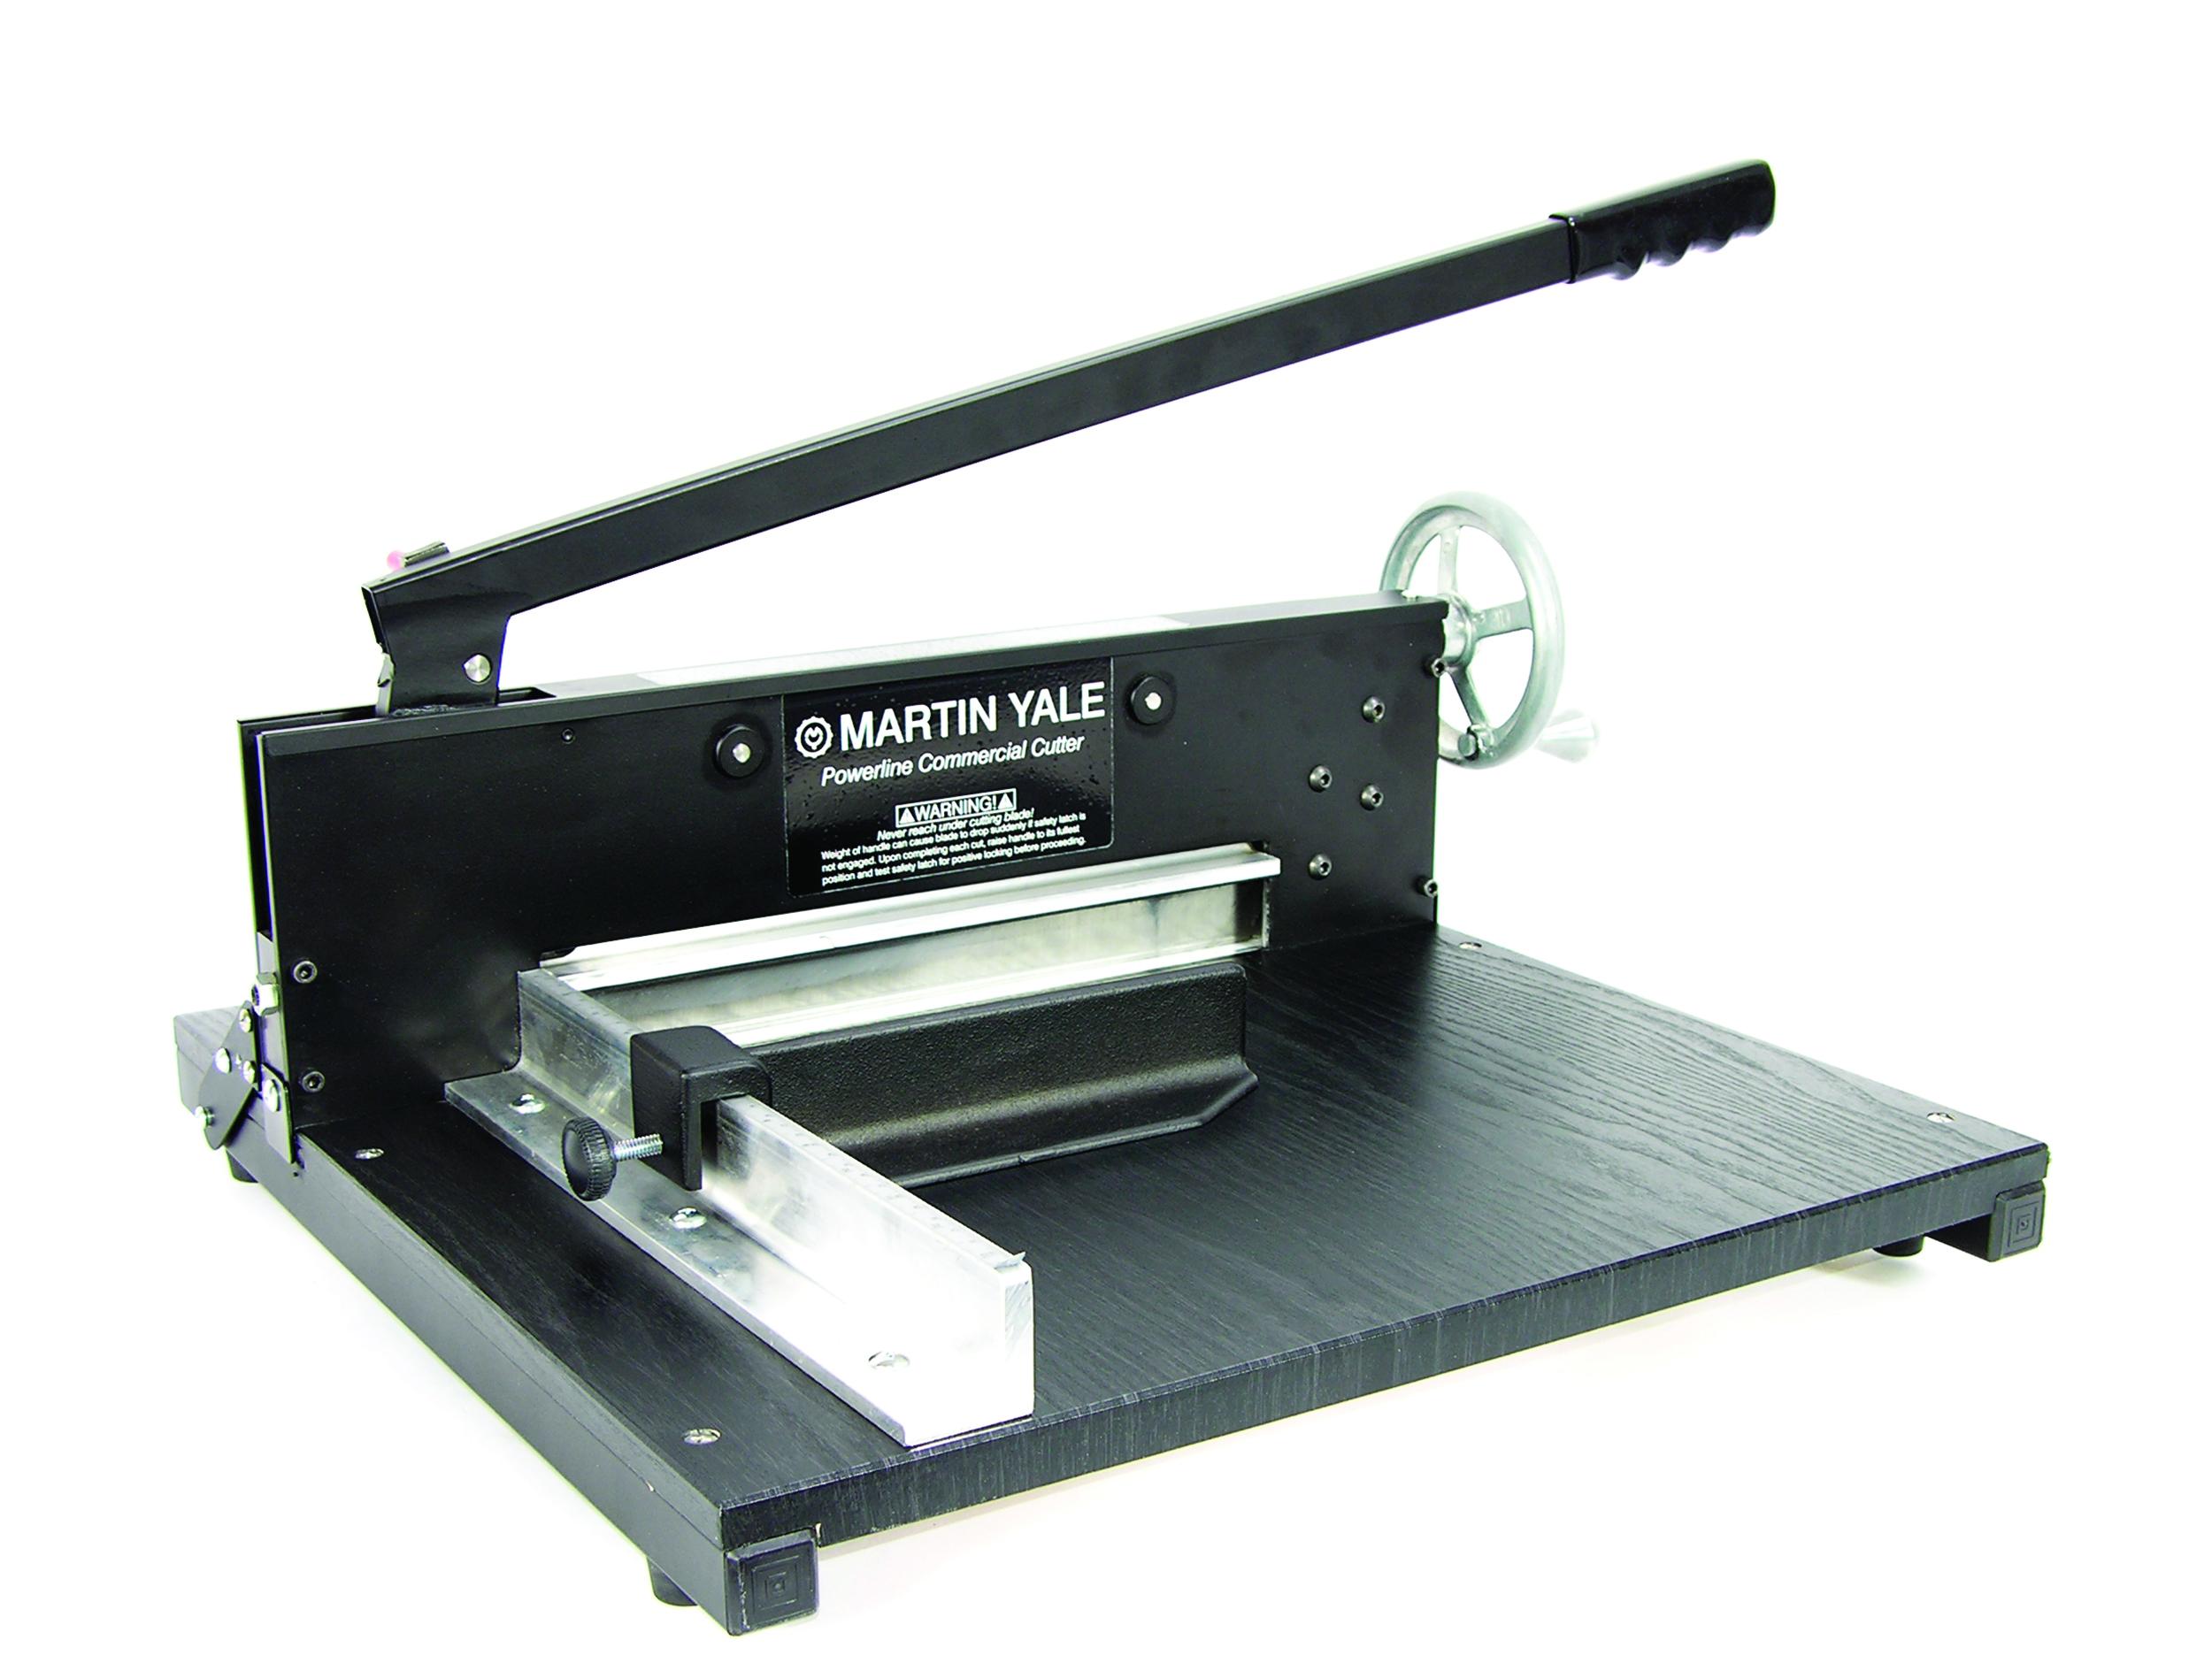 7000E Heavy Duty Tabletop Cutter - Martin Yale